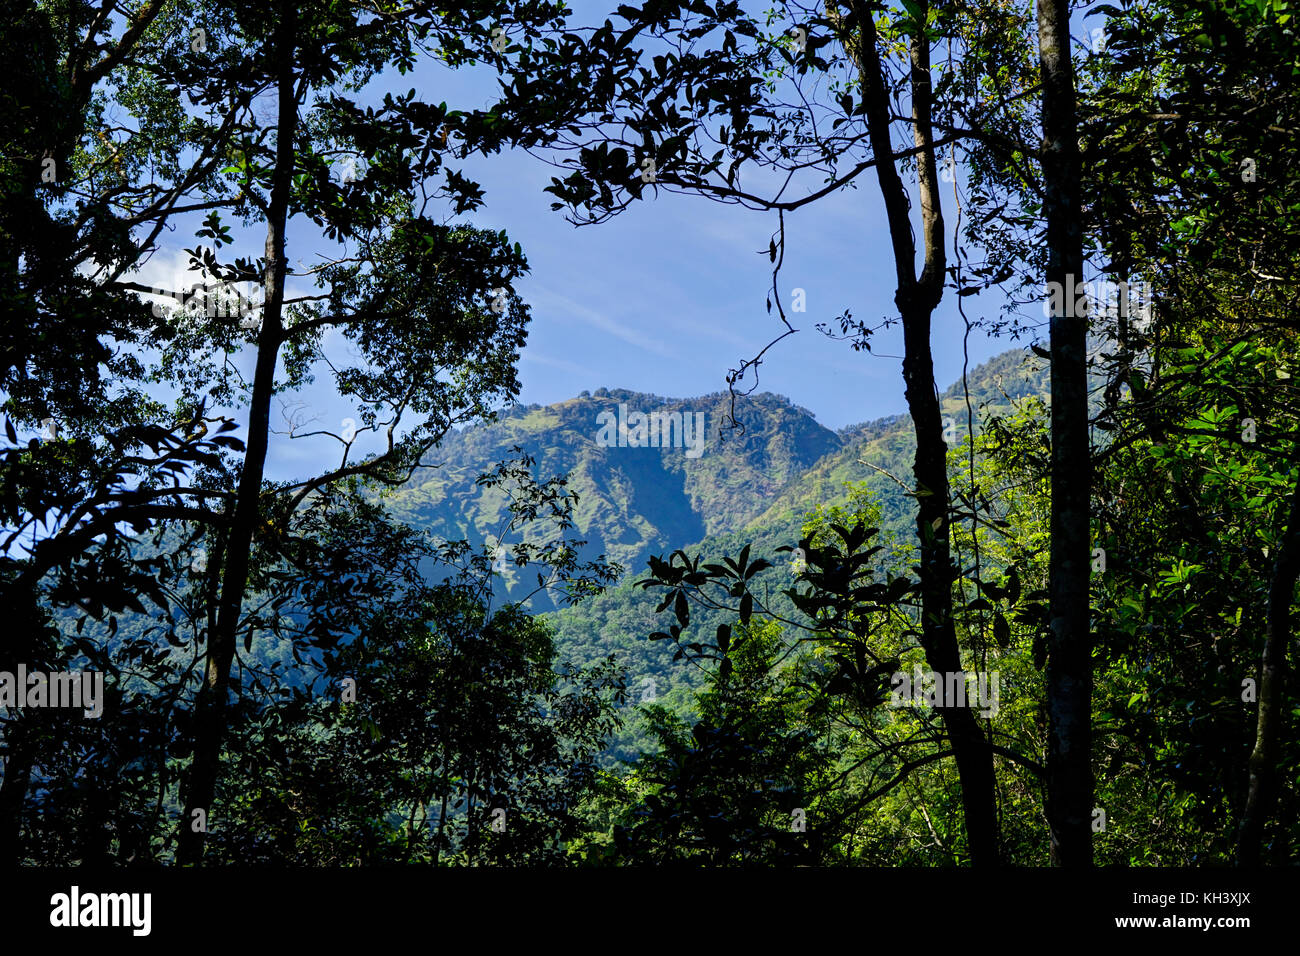 View towards mountain through trees Mount Rinjani Indonesia - Stock Image